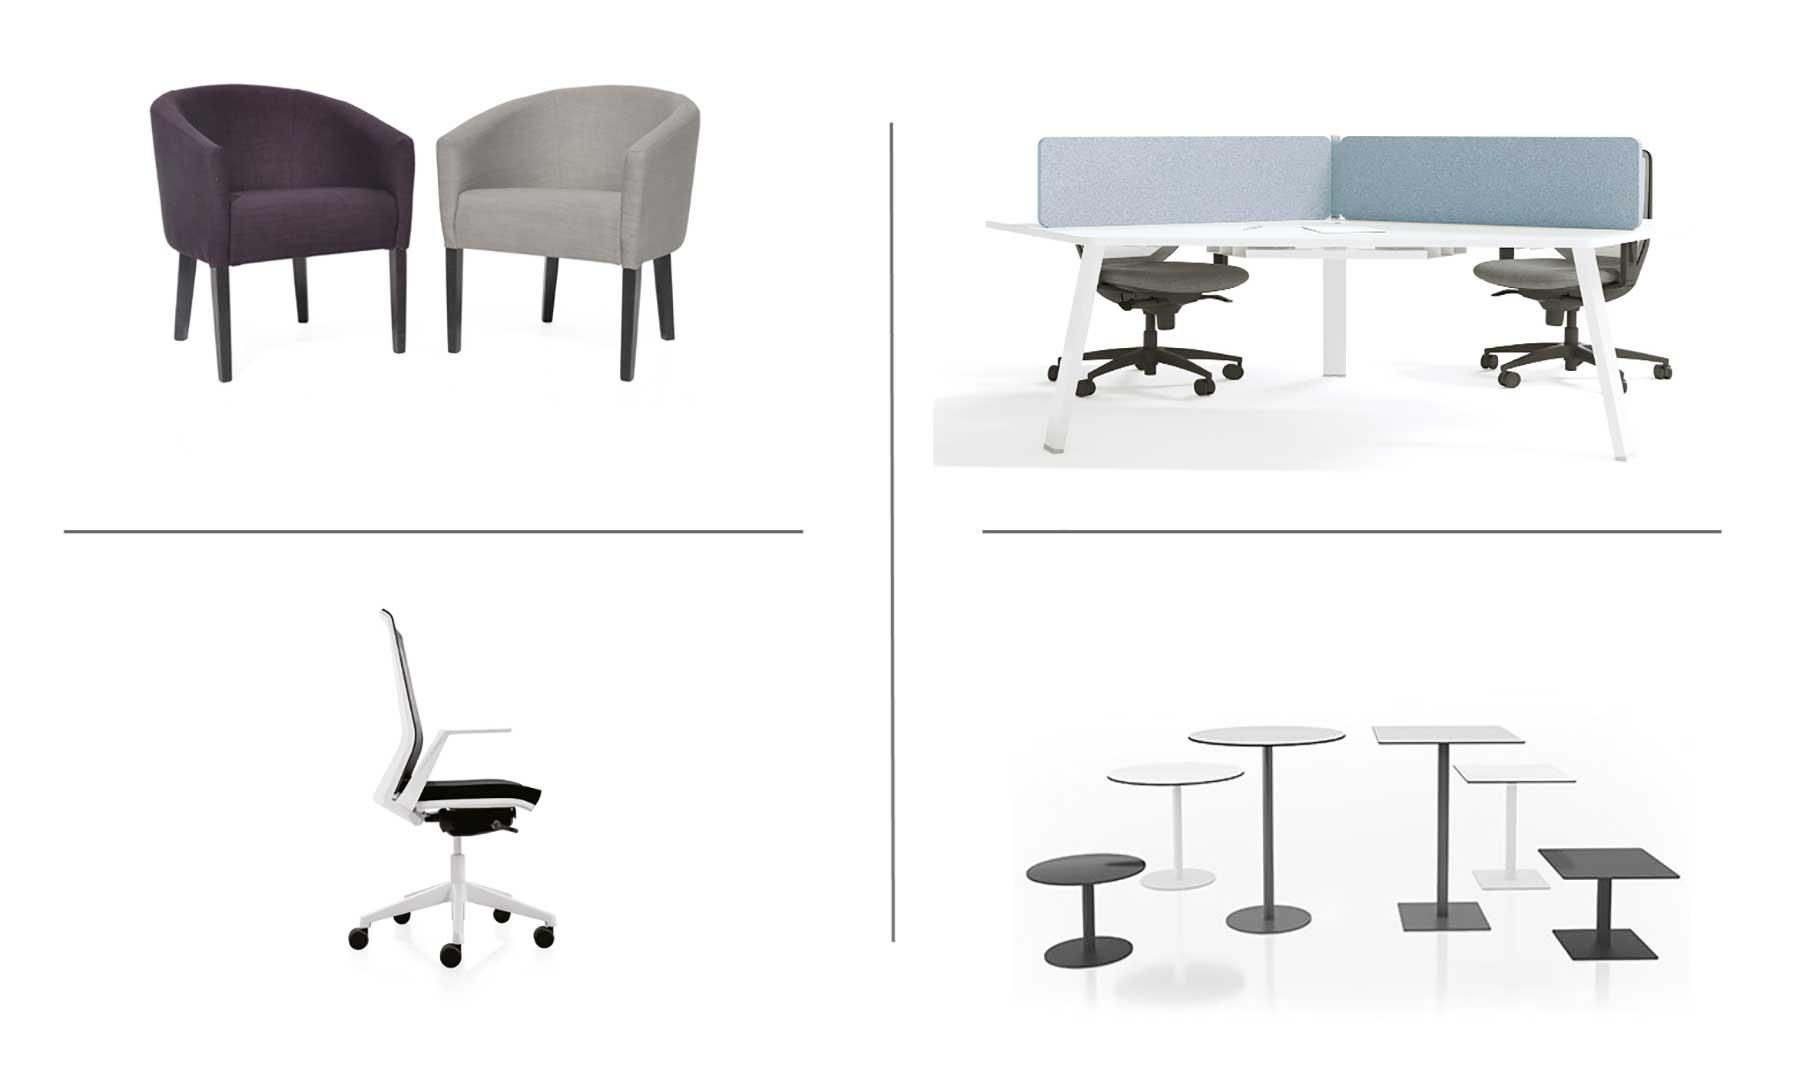 Muebles de Limobel Inwo para oficinas minimalistas